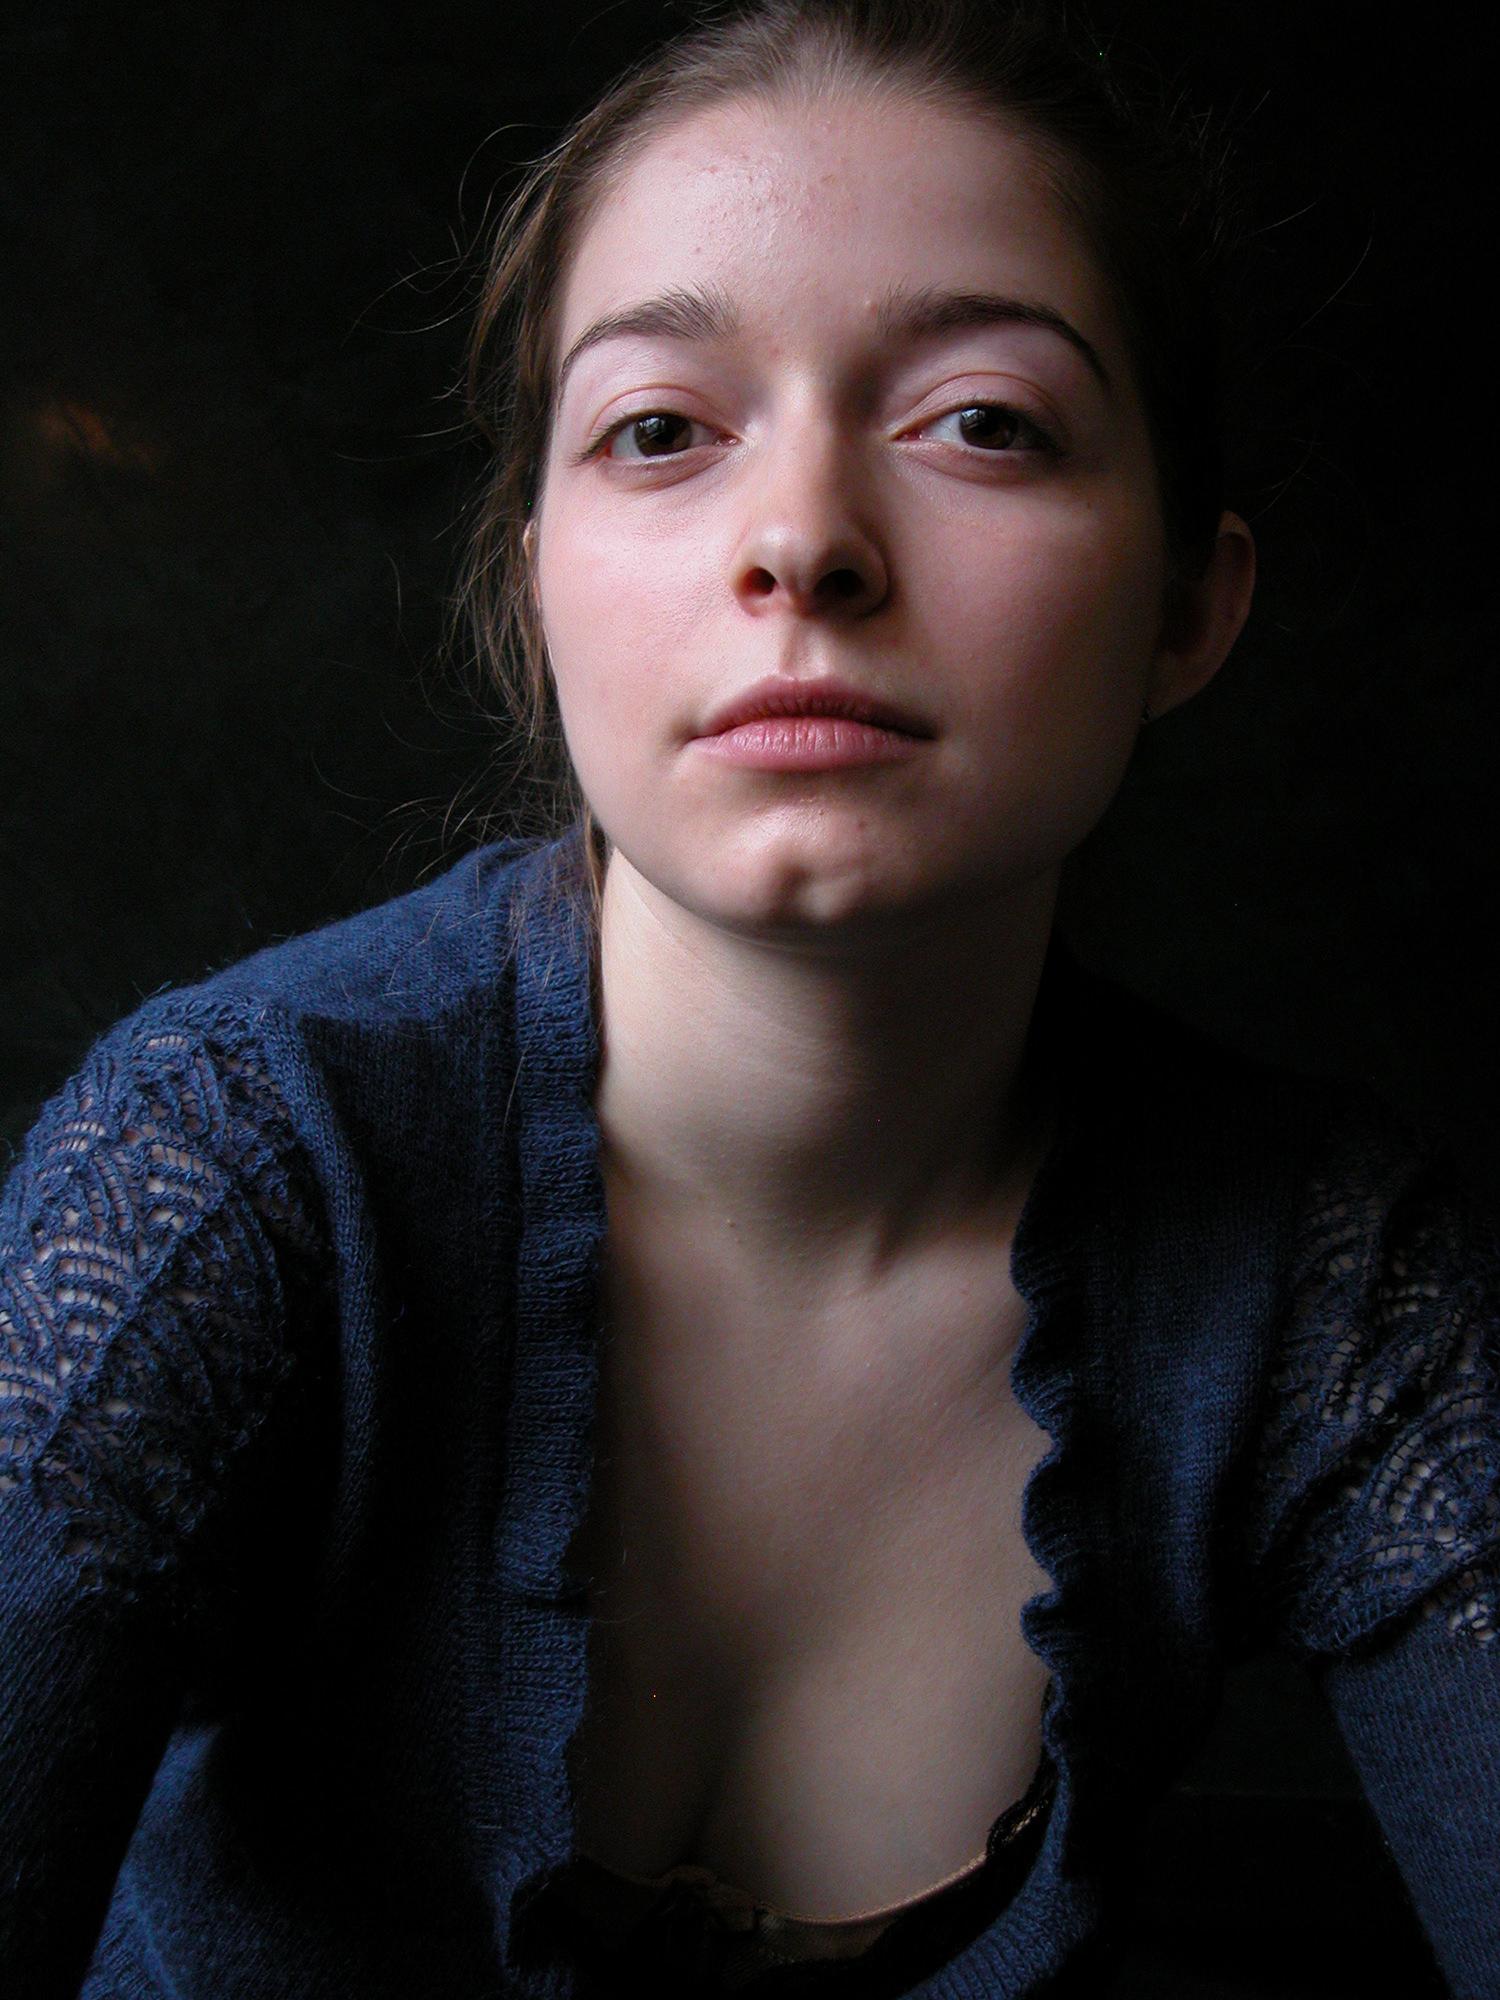 Vanille Roche